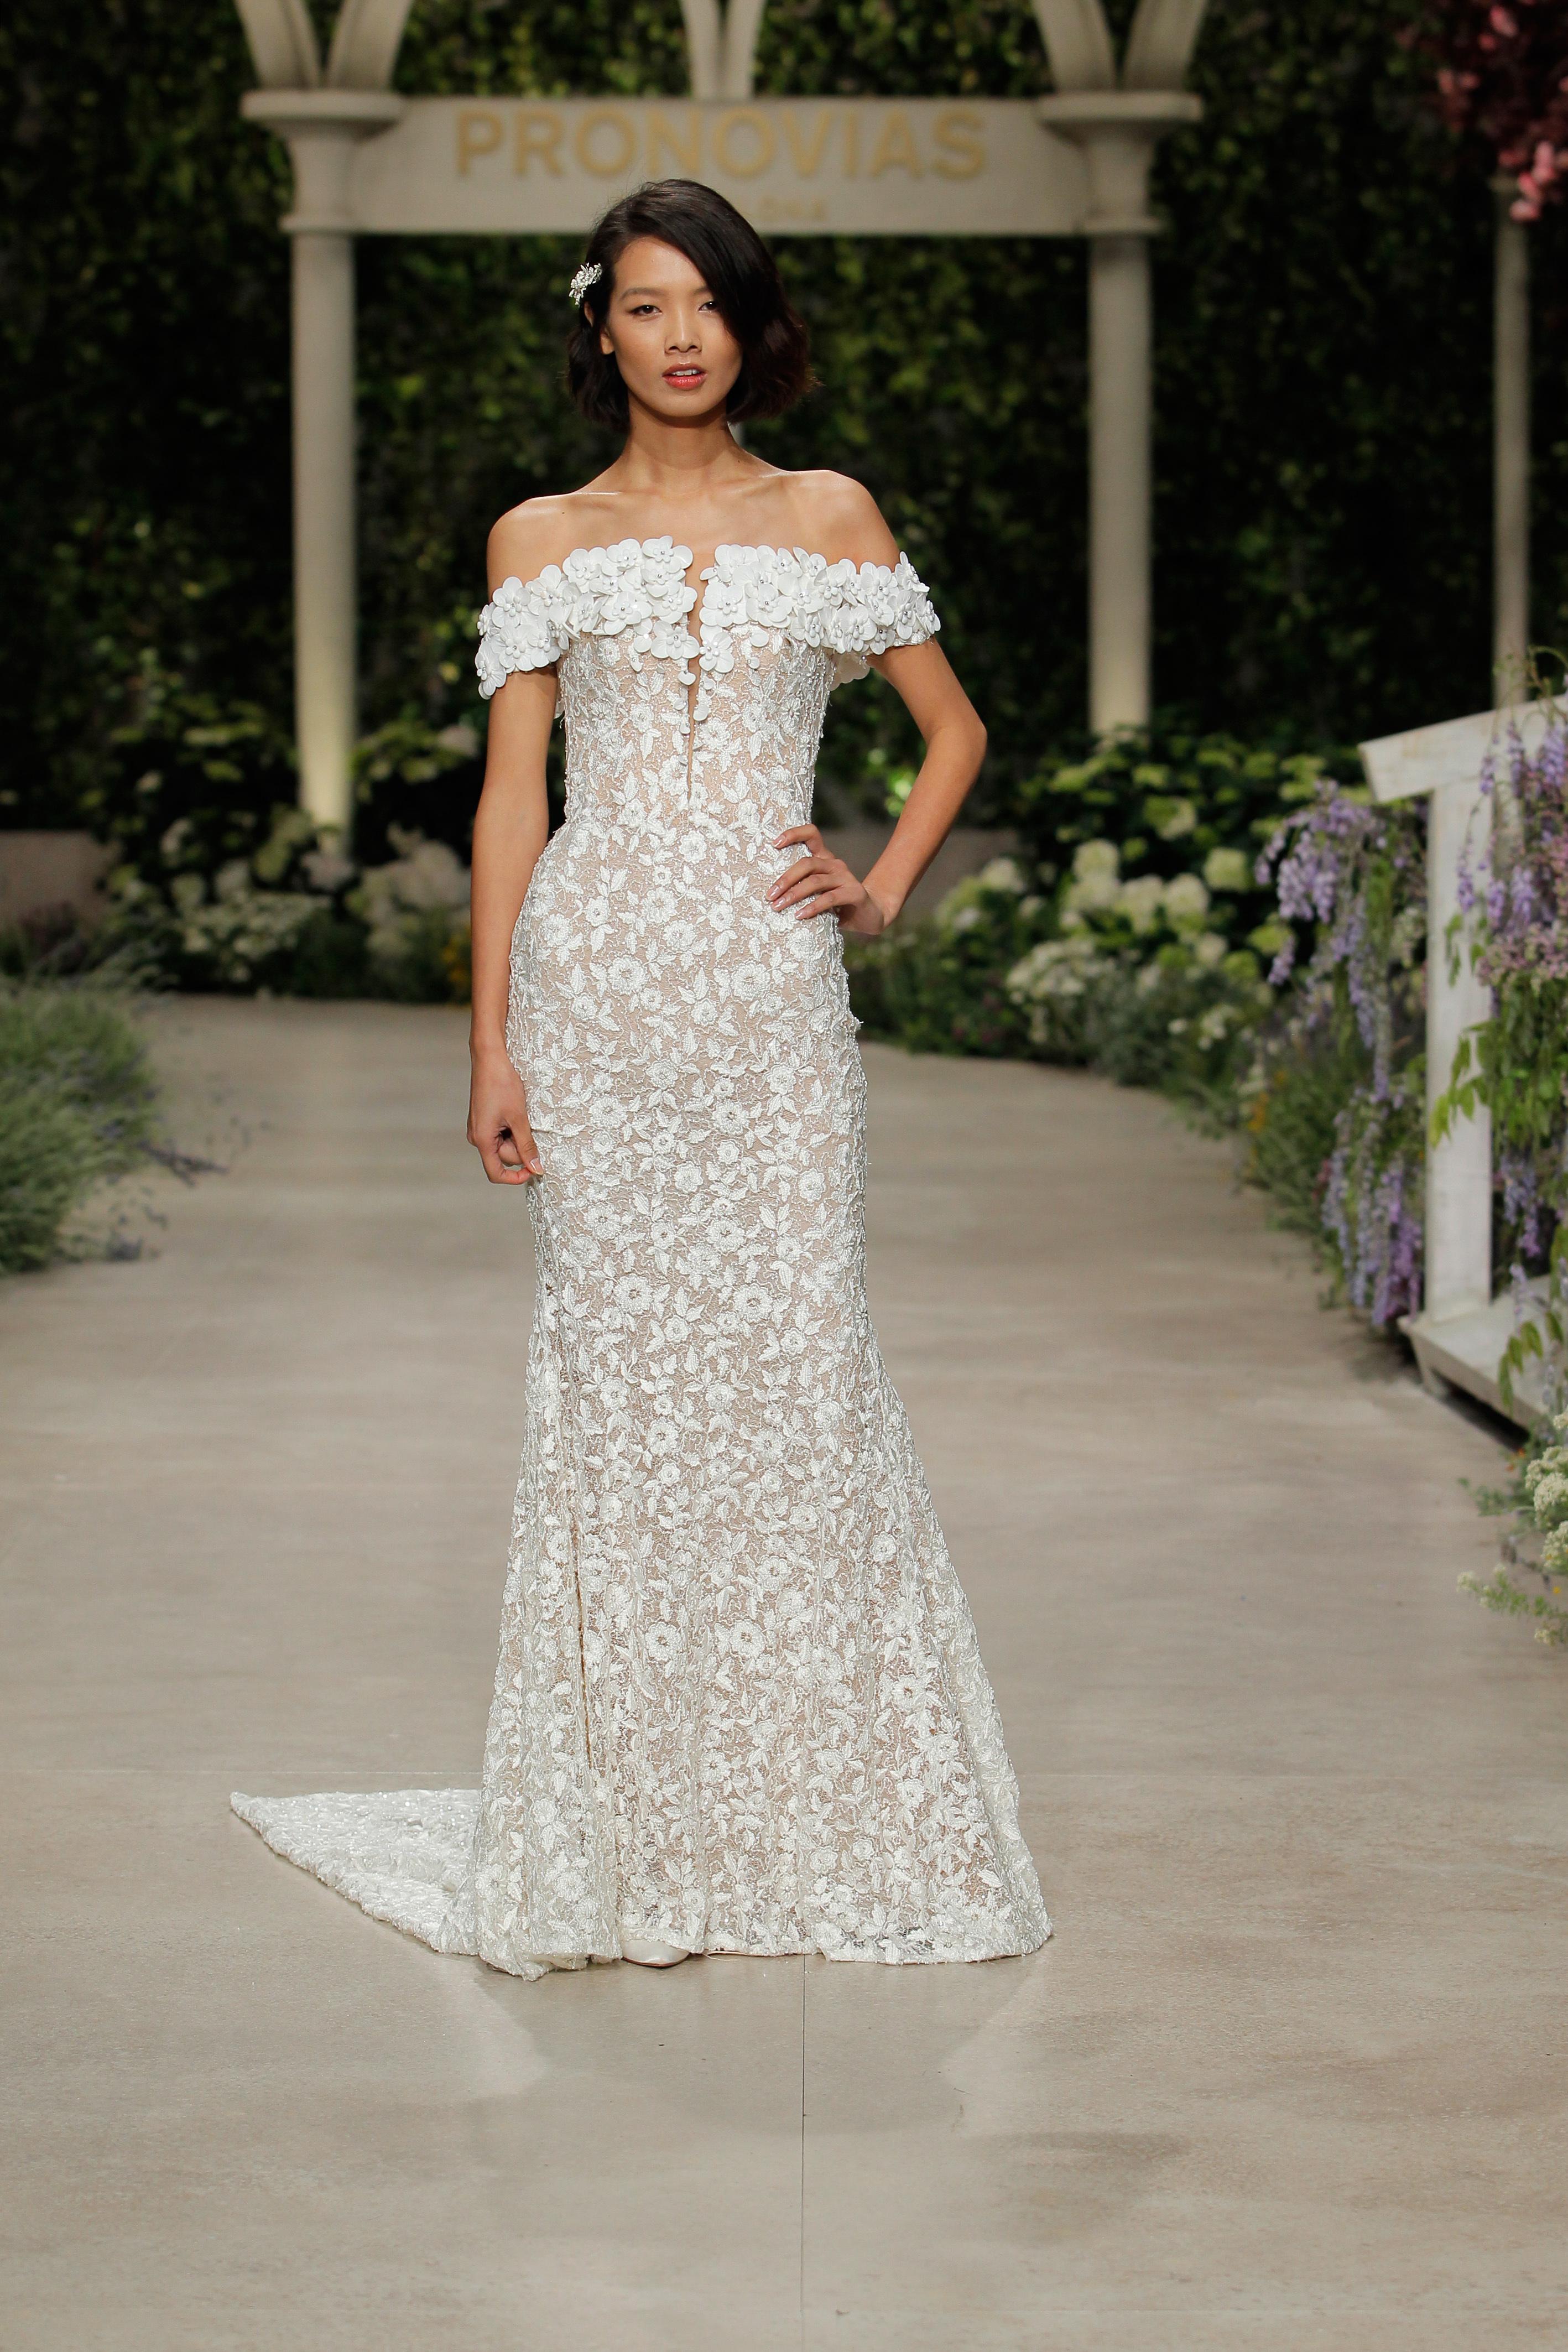 pronovias wedding dress spring 2019 off-the-shoulder